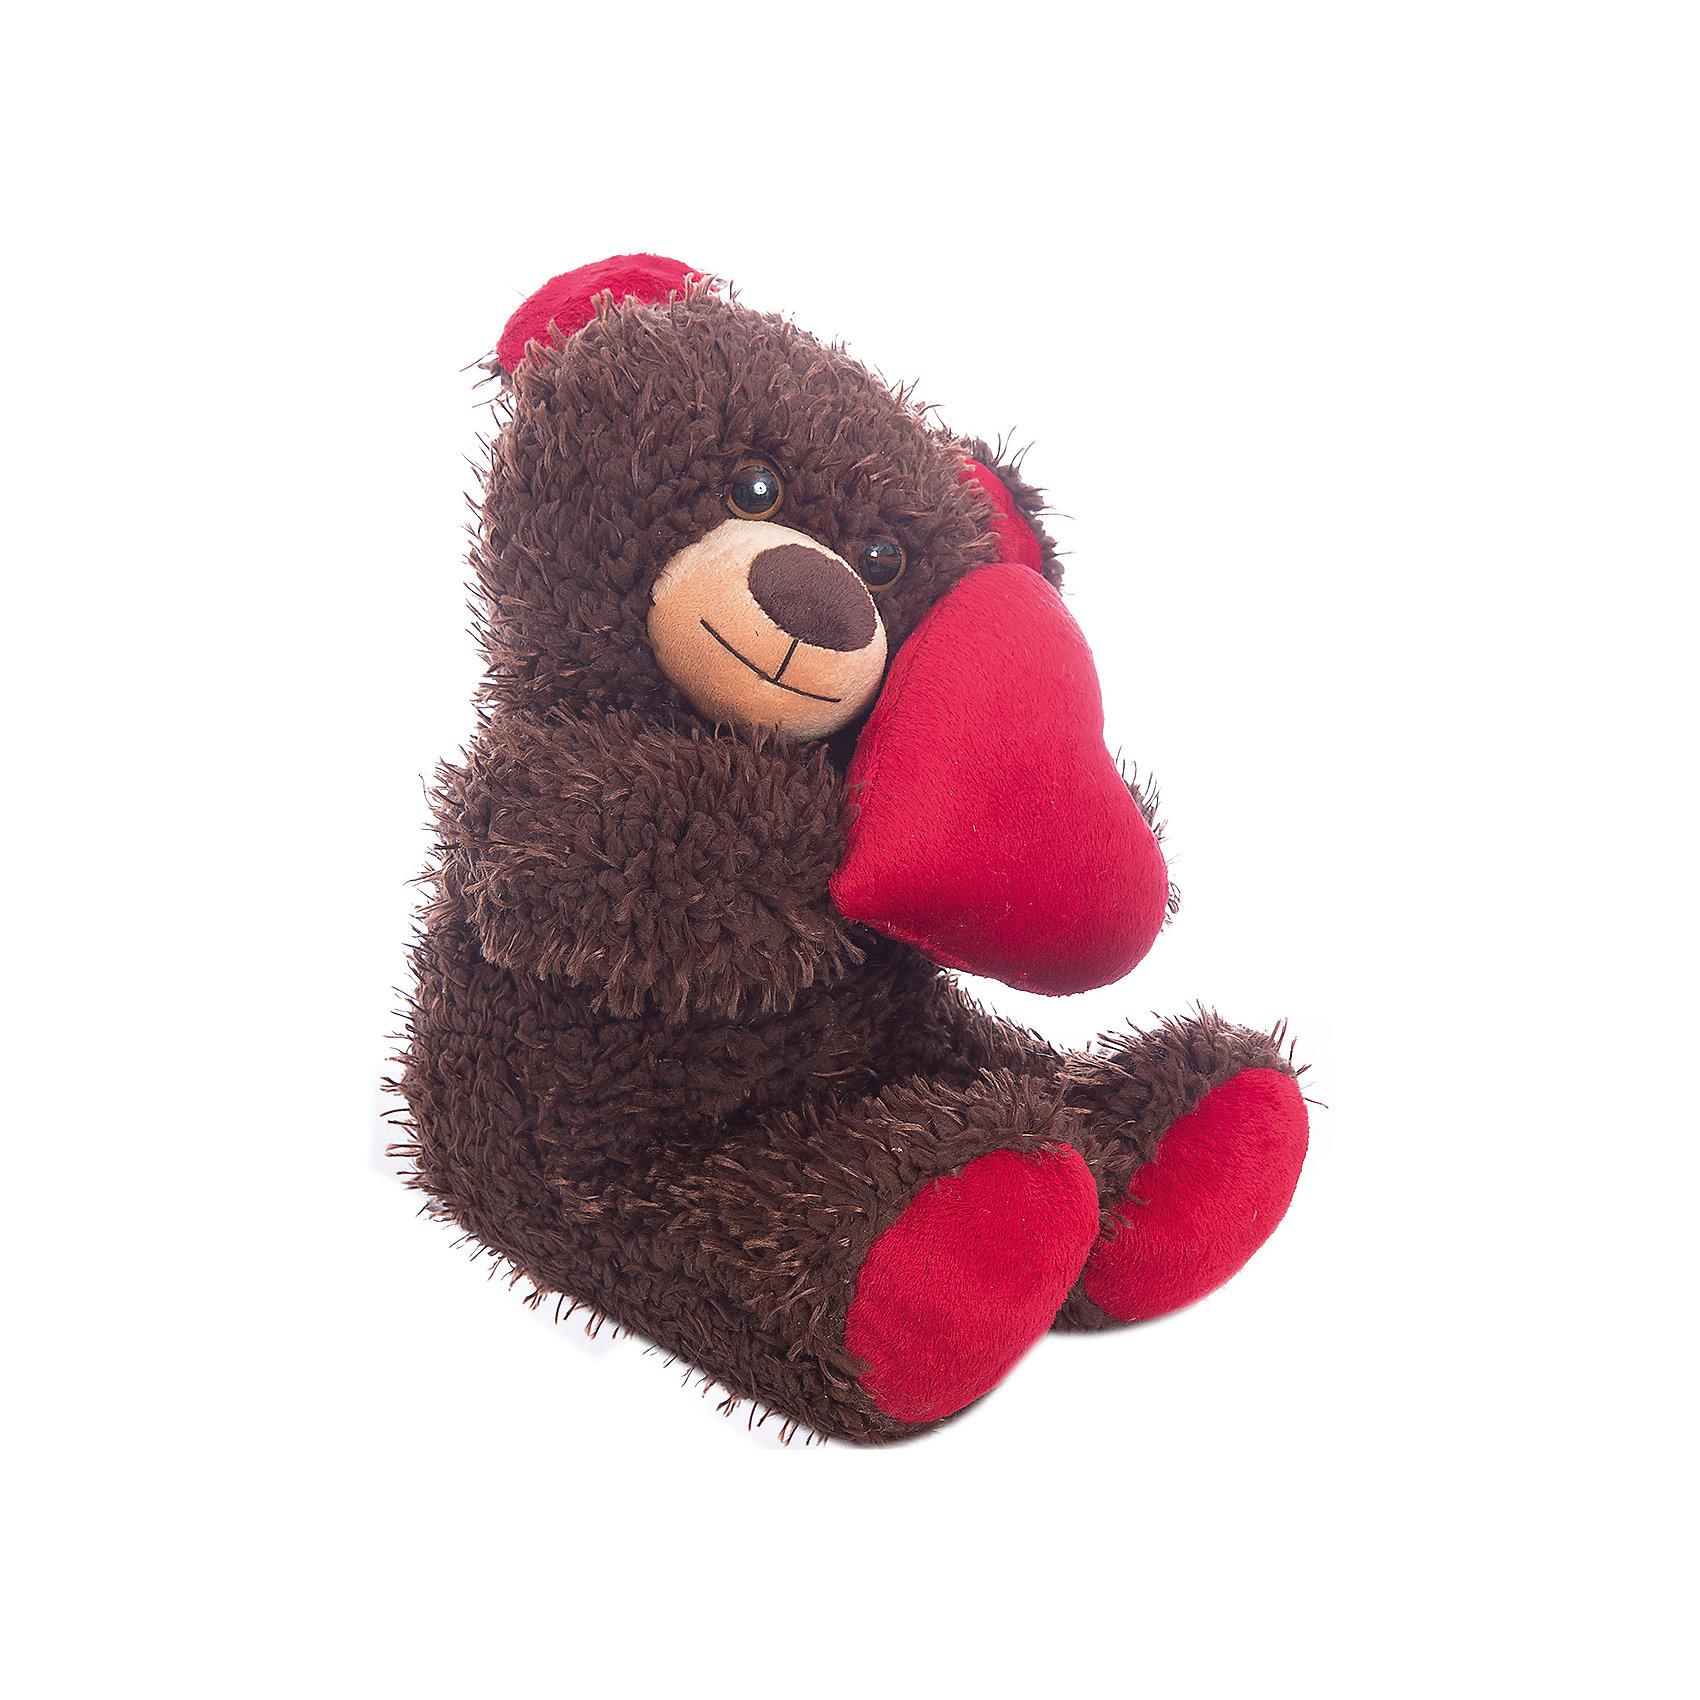 Мягкая игрушка Медвежонок Чиба с сердцем, FancyМягкие игрушки животные<br>Характеристики:<br><br>• высота игрушки: 30 см;<br>• тип игрушки: мягконабивная;<br>• материал: текстиль, синтетический наполнитель. <br><br>Мягкая игрушка медвежонок Чиба считается полноправным покровителем Дня Святого Валентина. Огромное сердце, которое малыш держит в лапках, станет самым ярким доказательством вашей любви. Медвежонок Чиба – все понятно без слов! <br><br>Мягкую игрушку Медвежонок Чиба с сердцем, Fancy можно купить в нашем магазине.<br><br>Ширина мм: 210<br>Глубина мм: 170<br>Высота мм: 280<br>Вес г: 270<br>Возраст от месяцев: 36<br>Возраст до месяцев: 2147483647<br>Пол: Женский<br>Возраст: Детский<br>SKU: 5269000